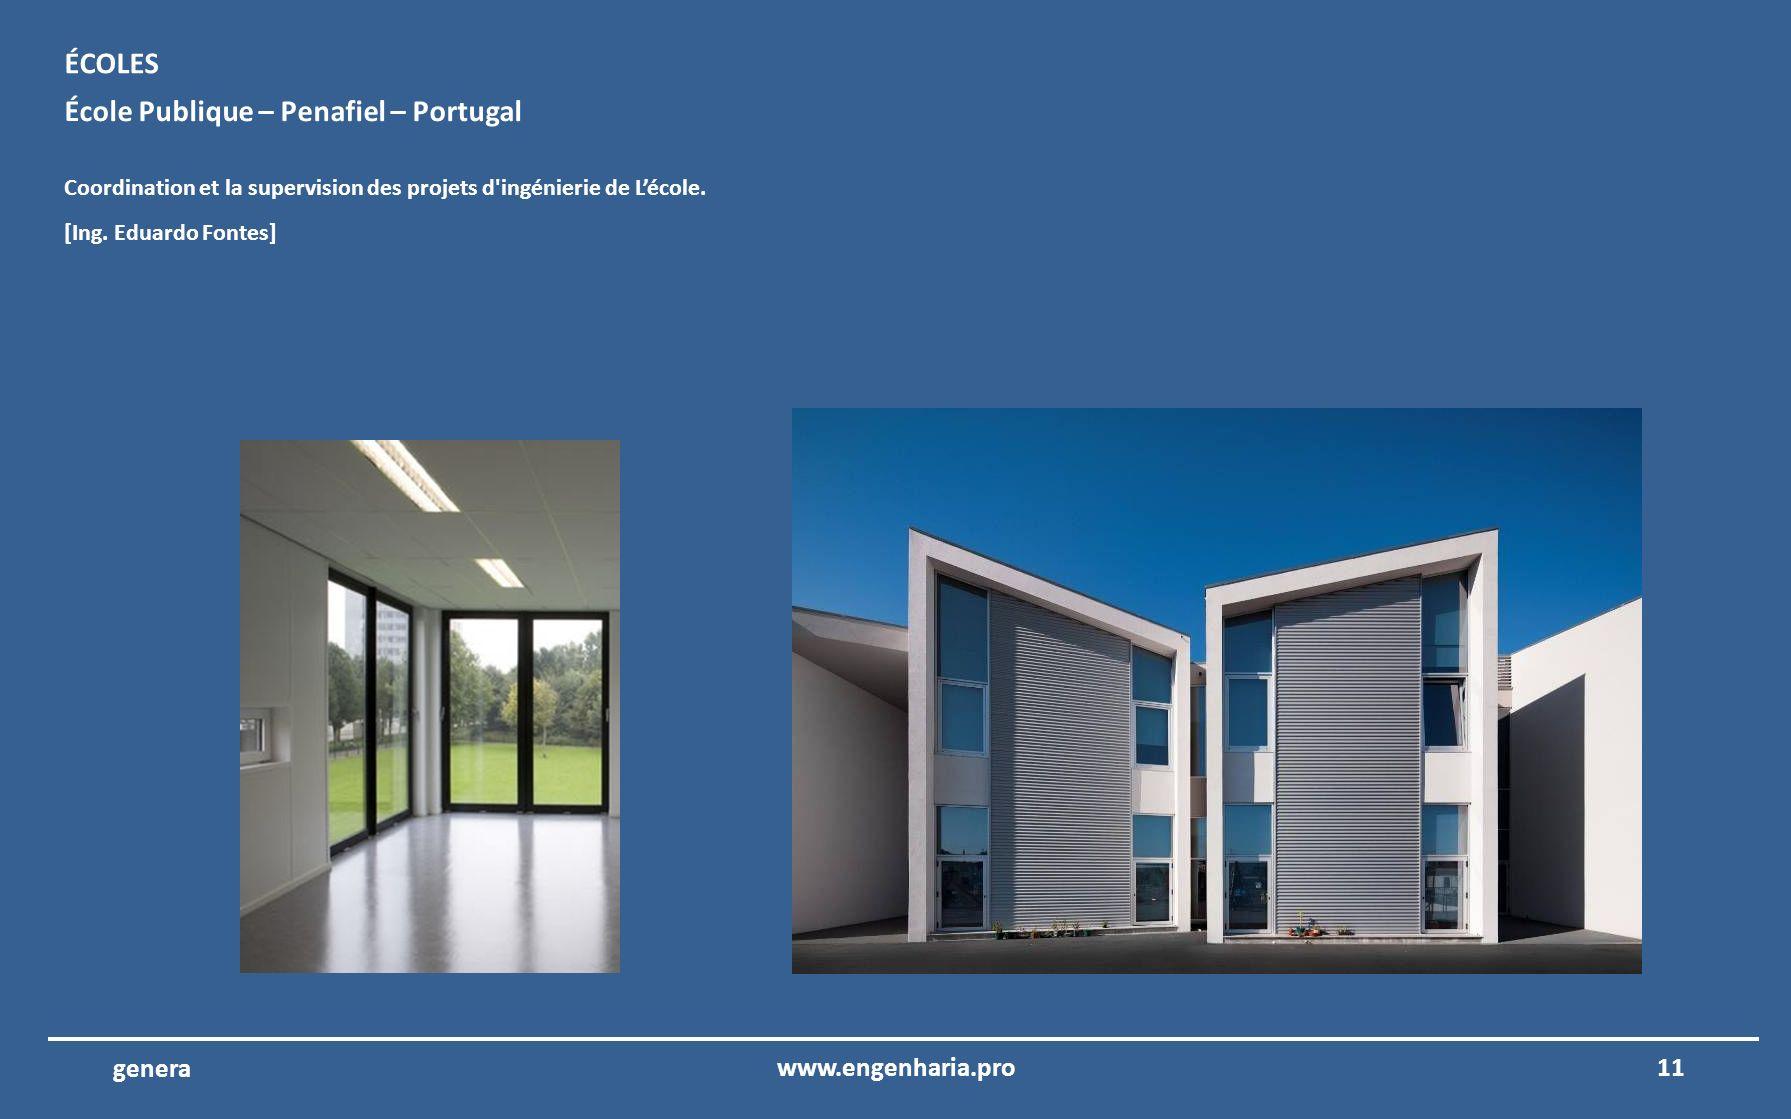 École Publique – Penafiel – Portugal